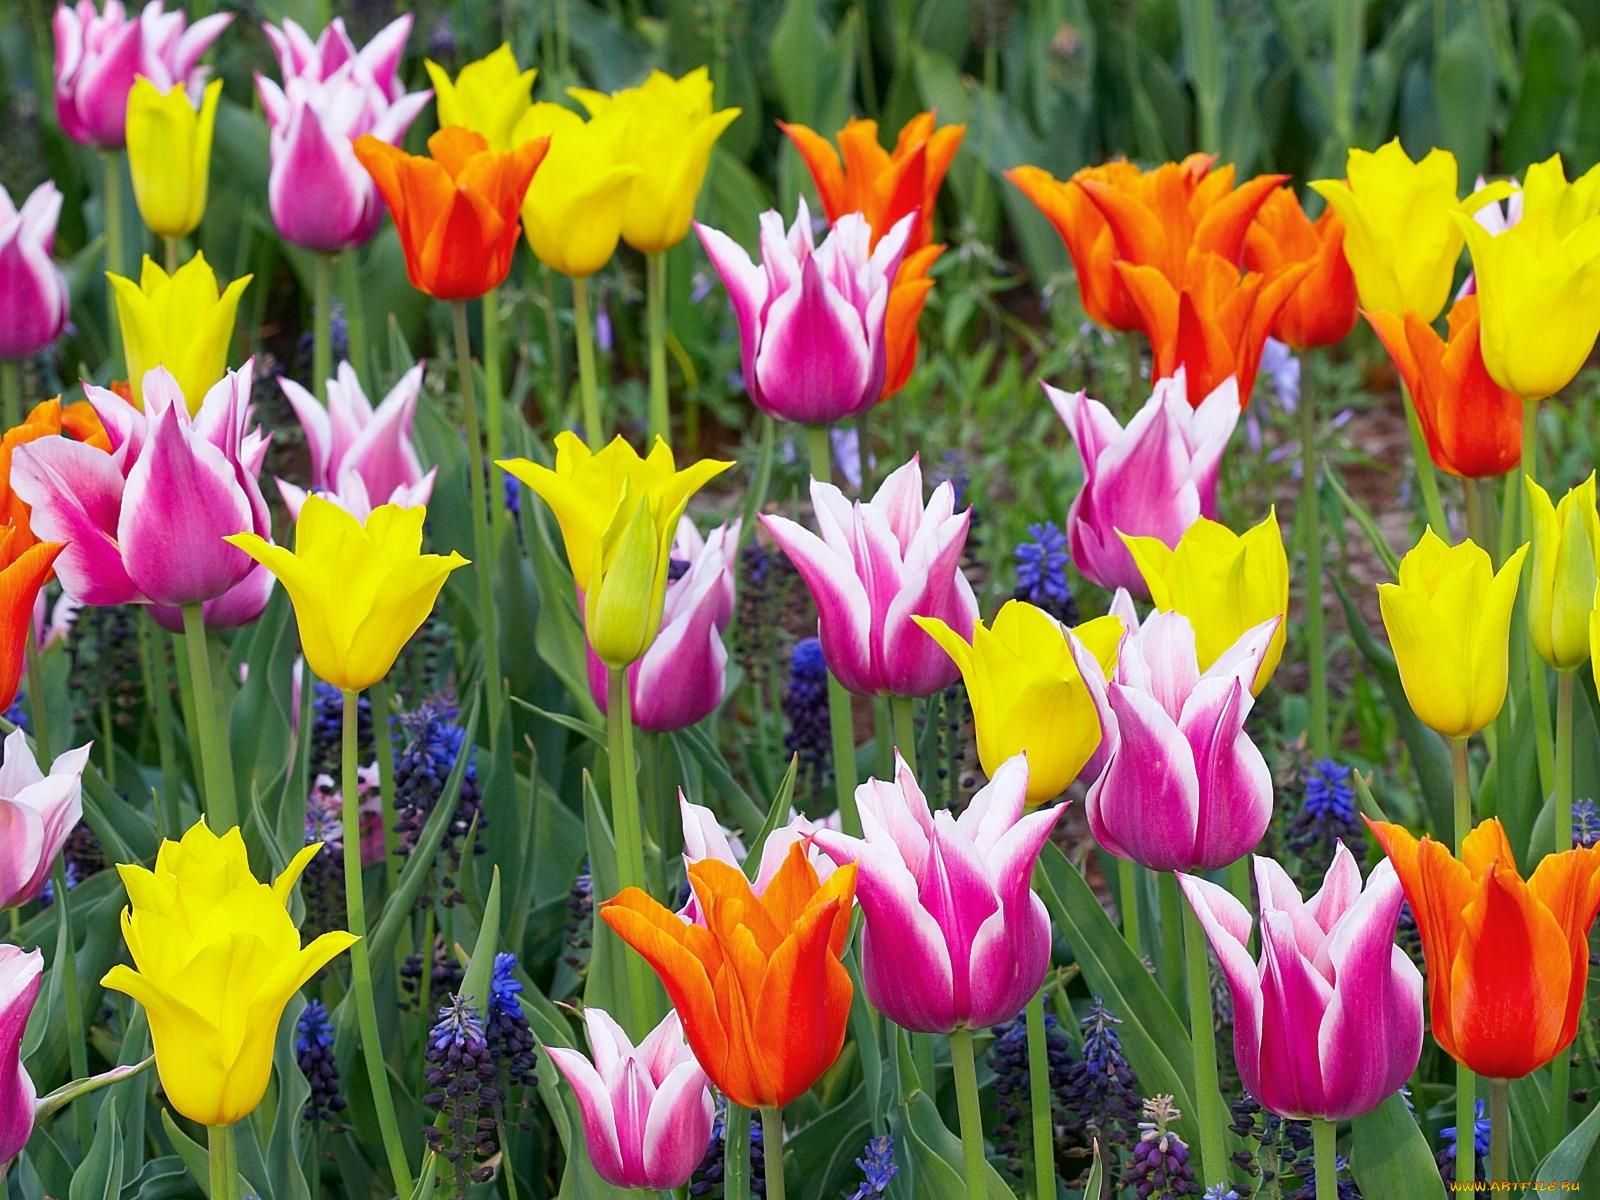 Картинки тюльпан цветы с названиями